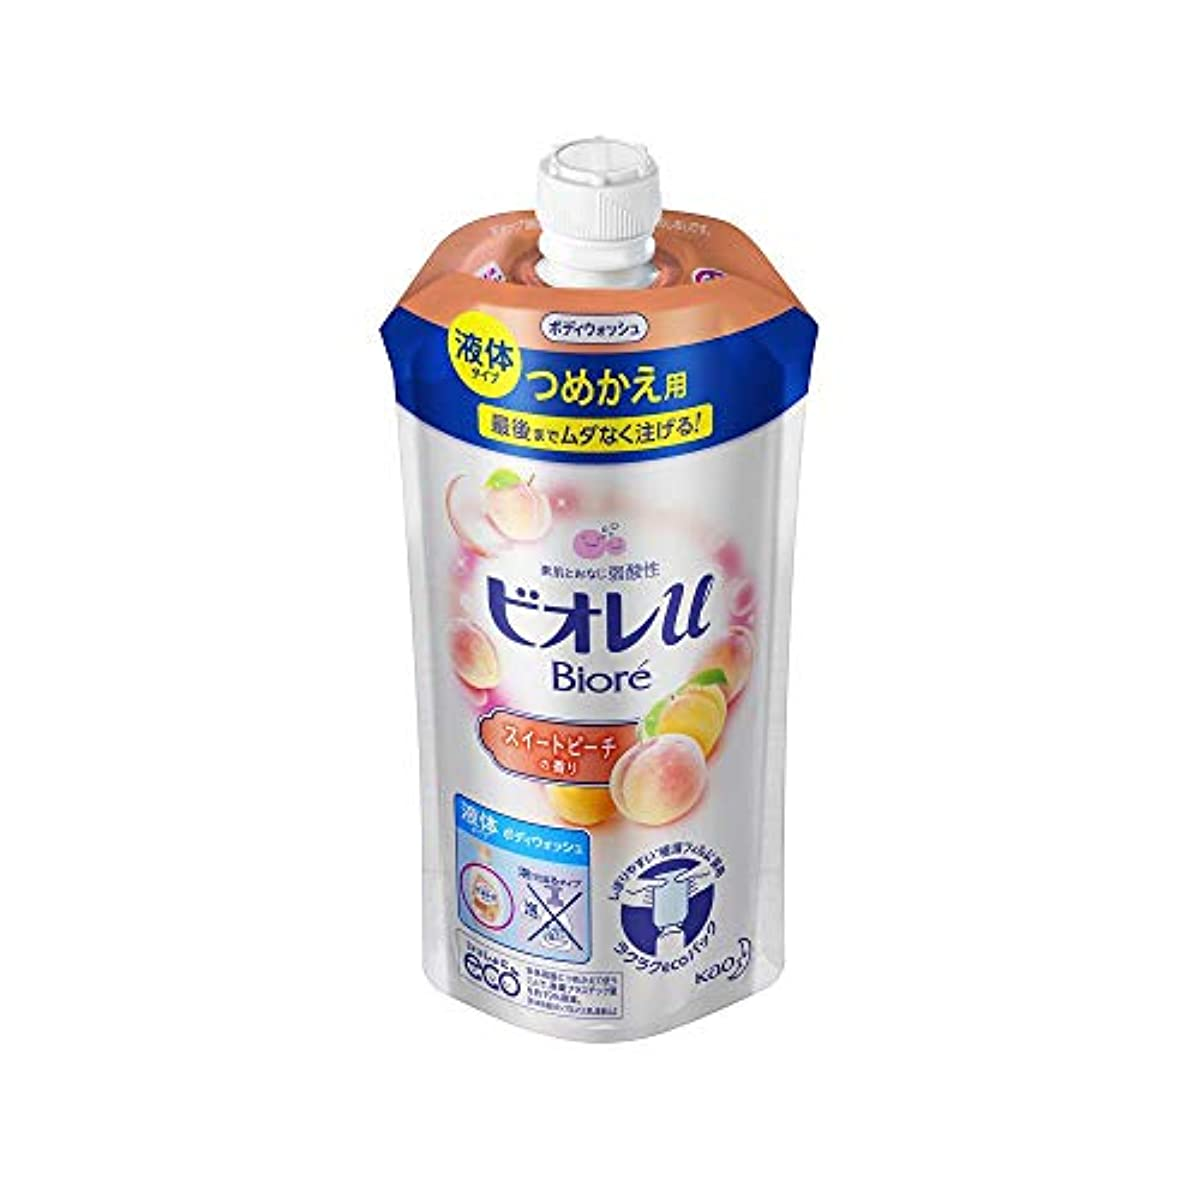 全能ダッシュ天使花王 ビオレu スイートピーチの香りつめかえ用 340ML